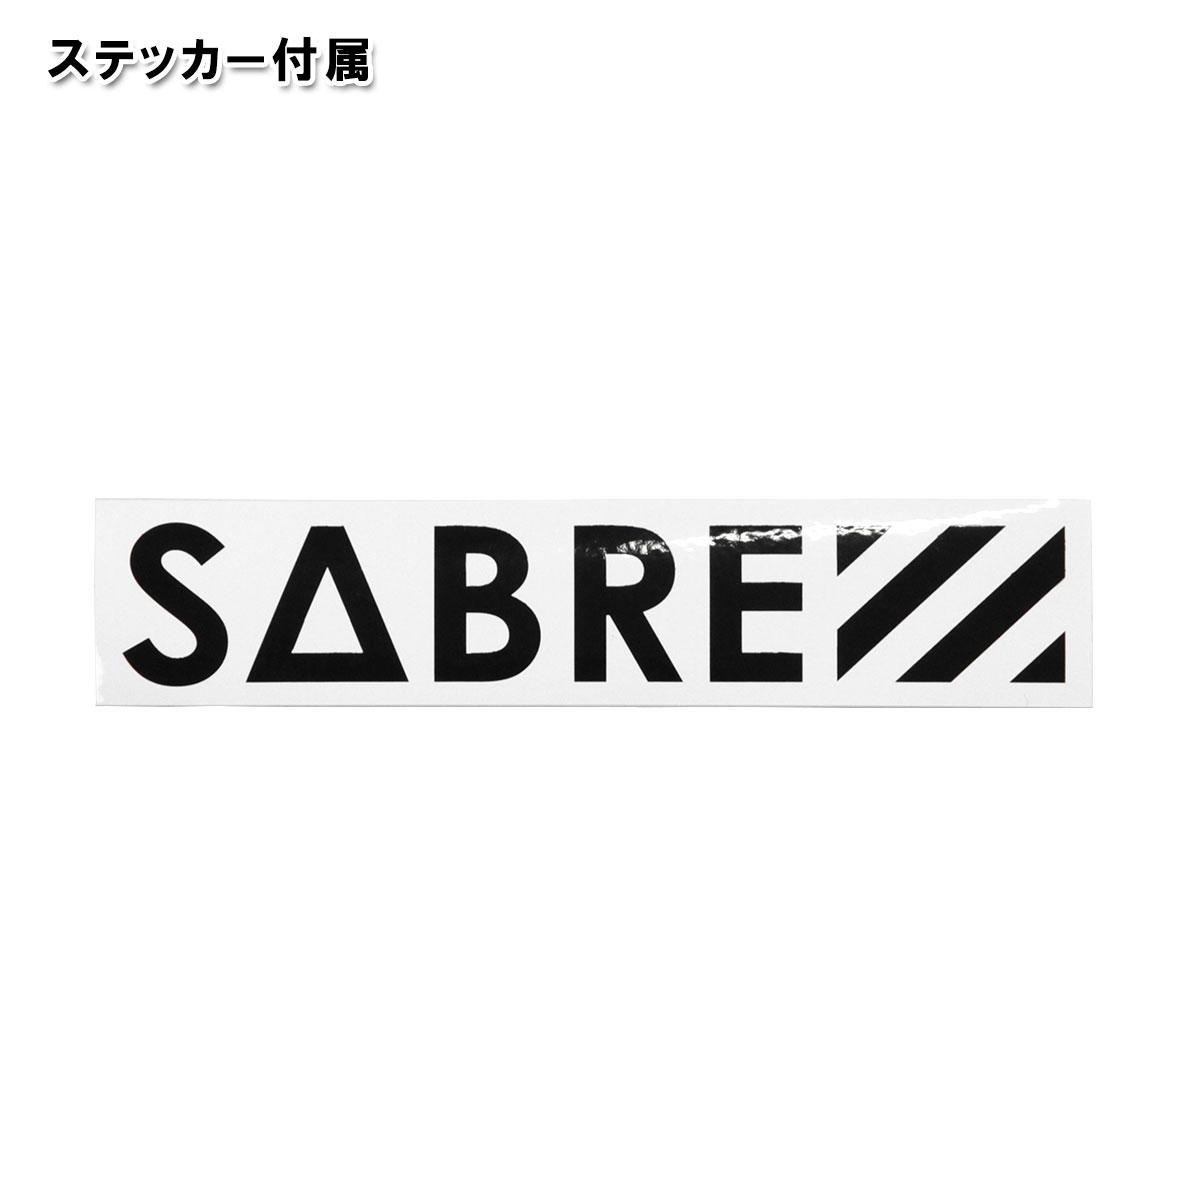 セイバー SABRE 正規販売店 サングラス めがね THE FUDGE DARK TORTOISE-MATTE GOLD METAL FRAME CLEAR LENS RX SV226-212J A55B B3C C3D D1E E04F